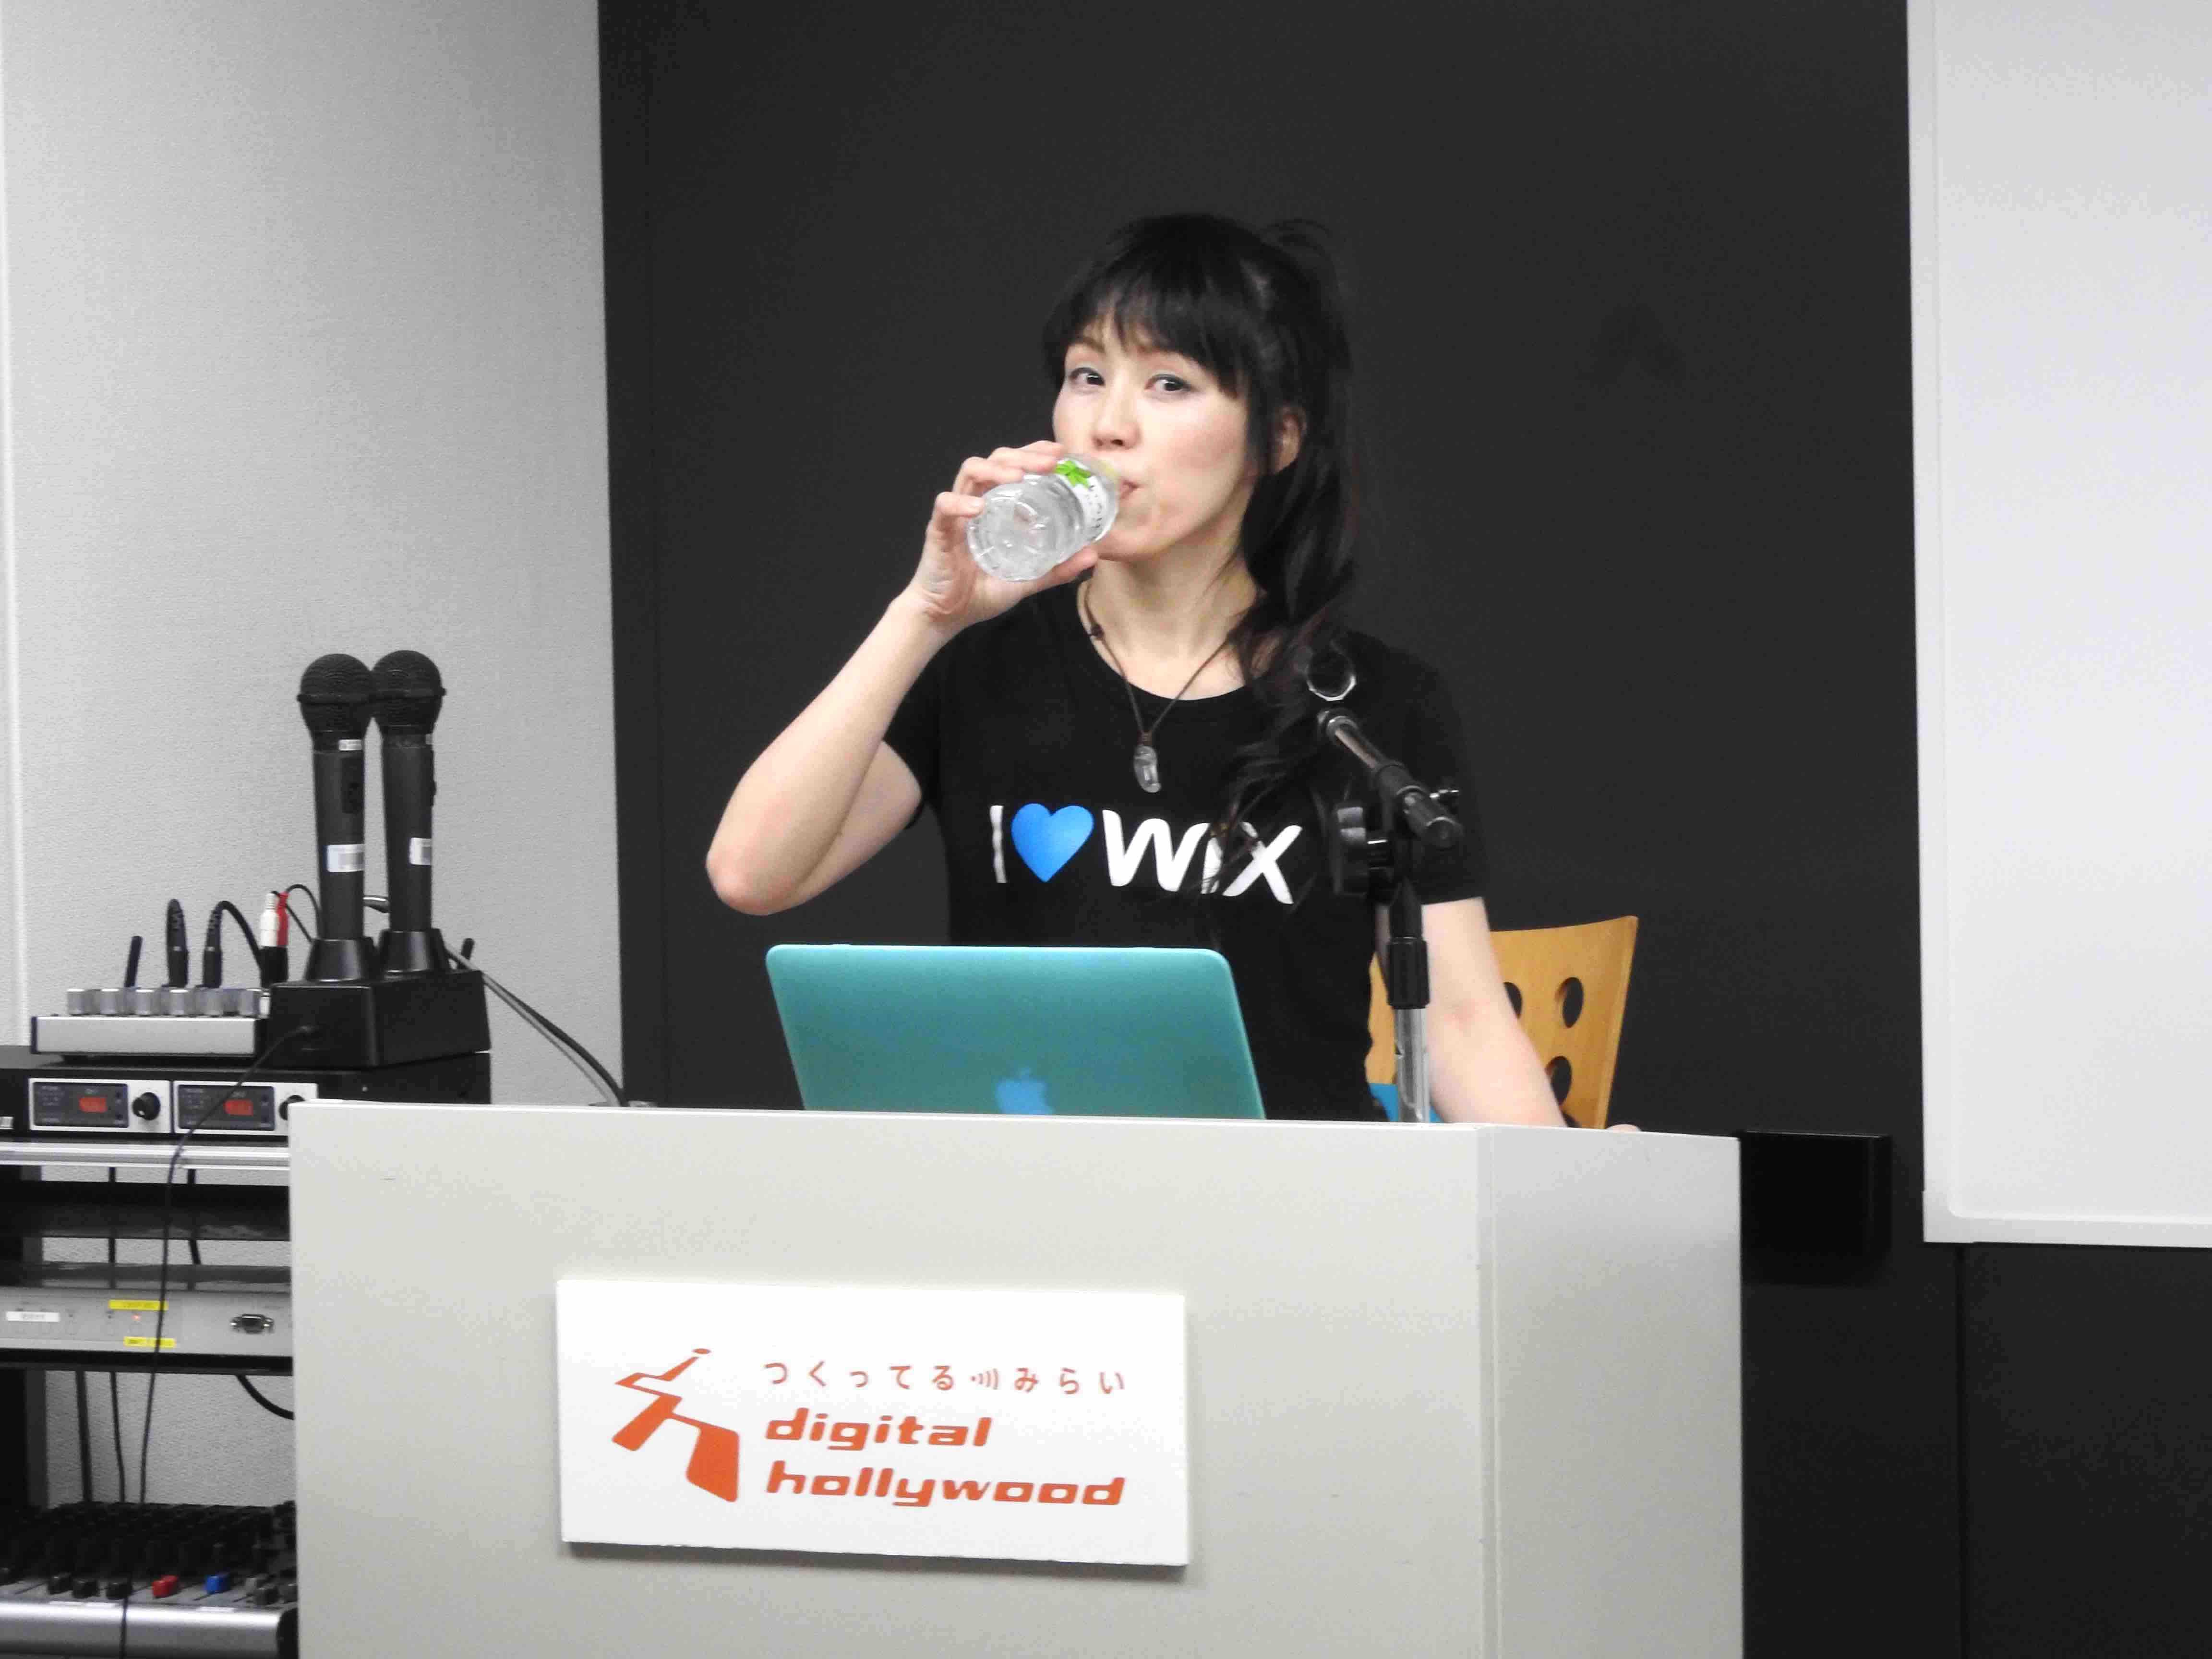 Wixミートアップ大阪 デジタルハリウッド